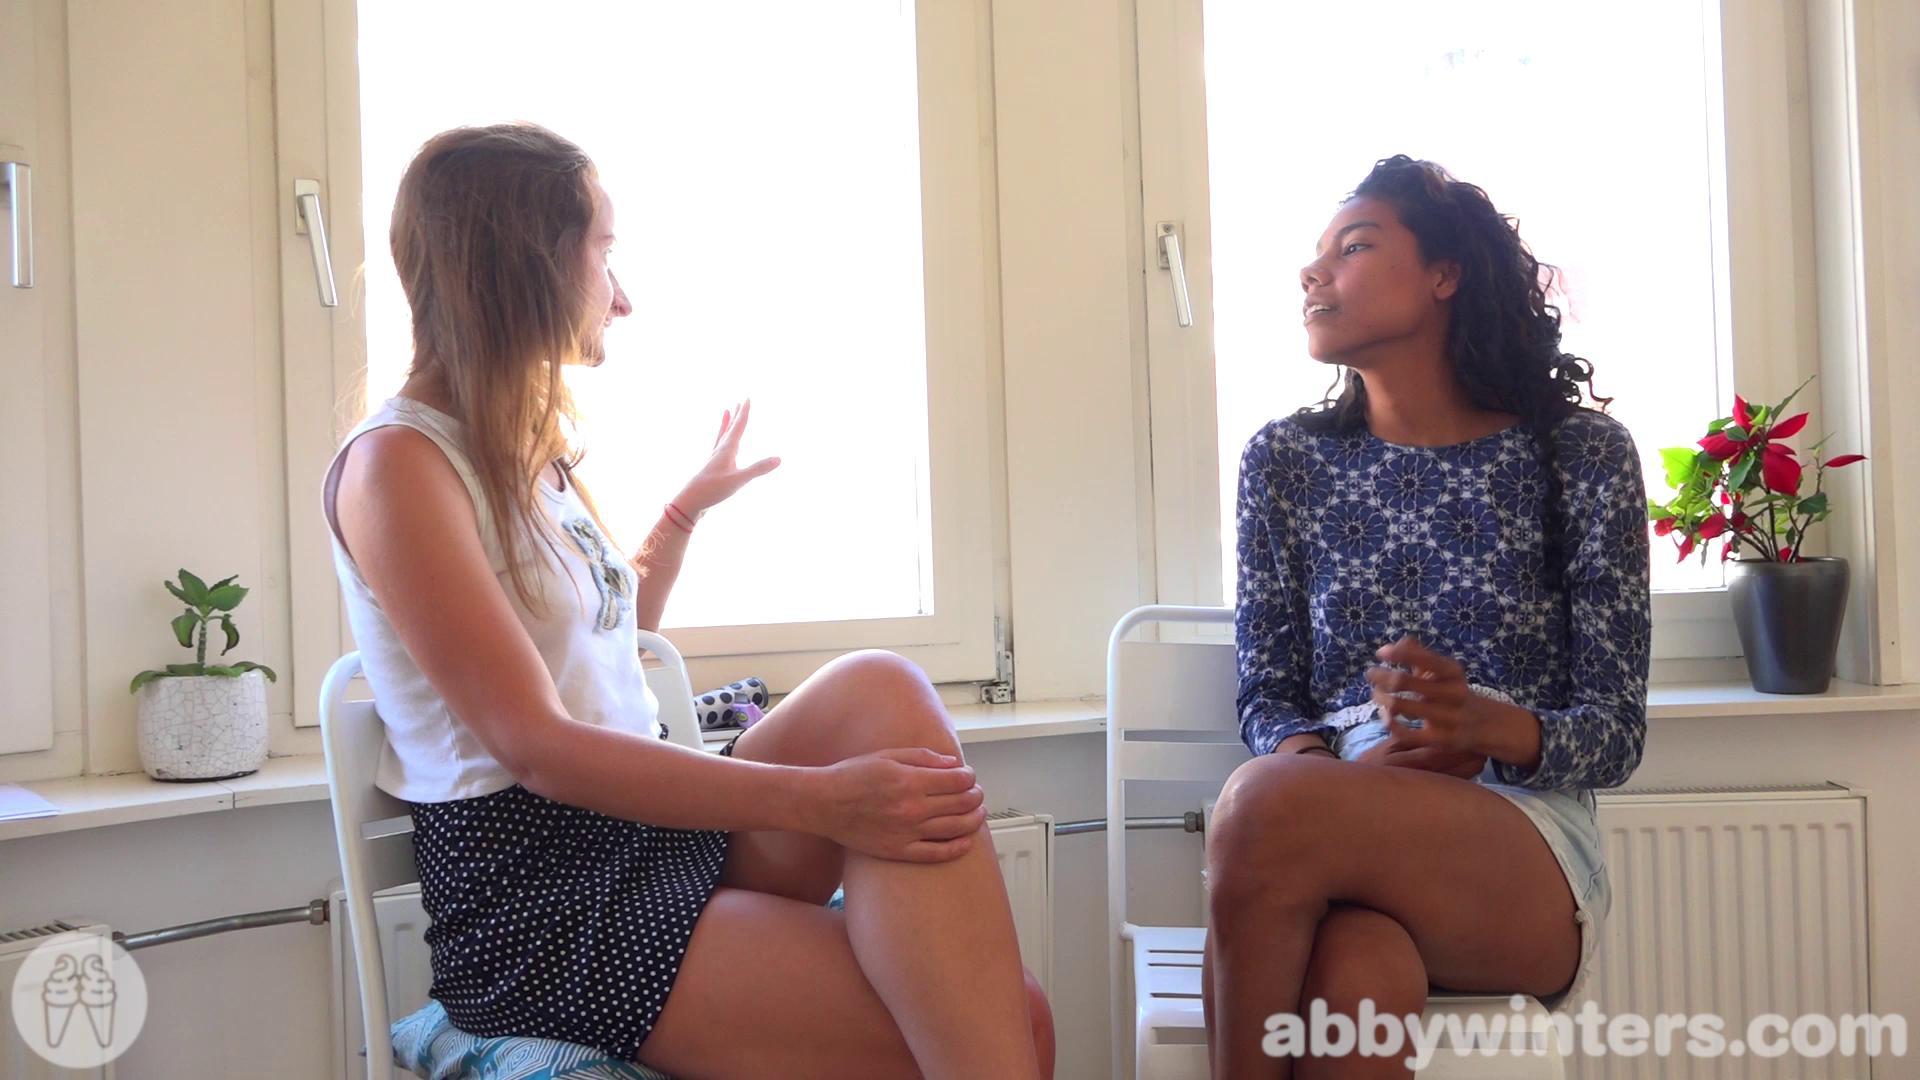 AbbyWinters – Adriana E And Marina T Lesbian